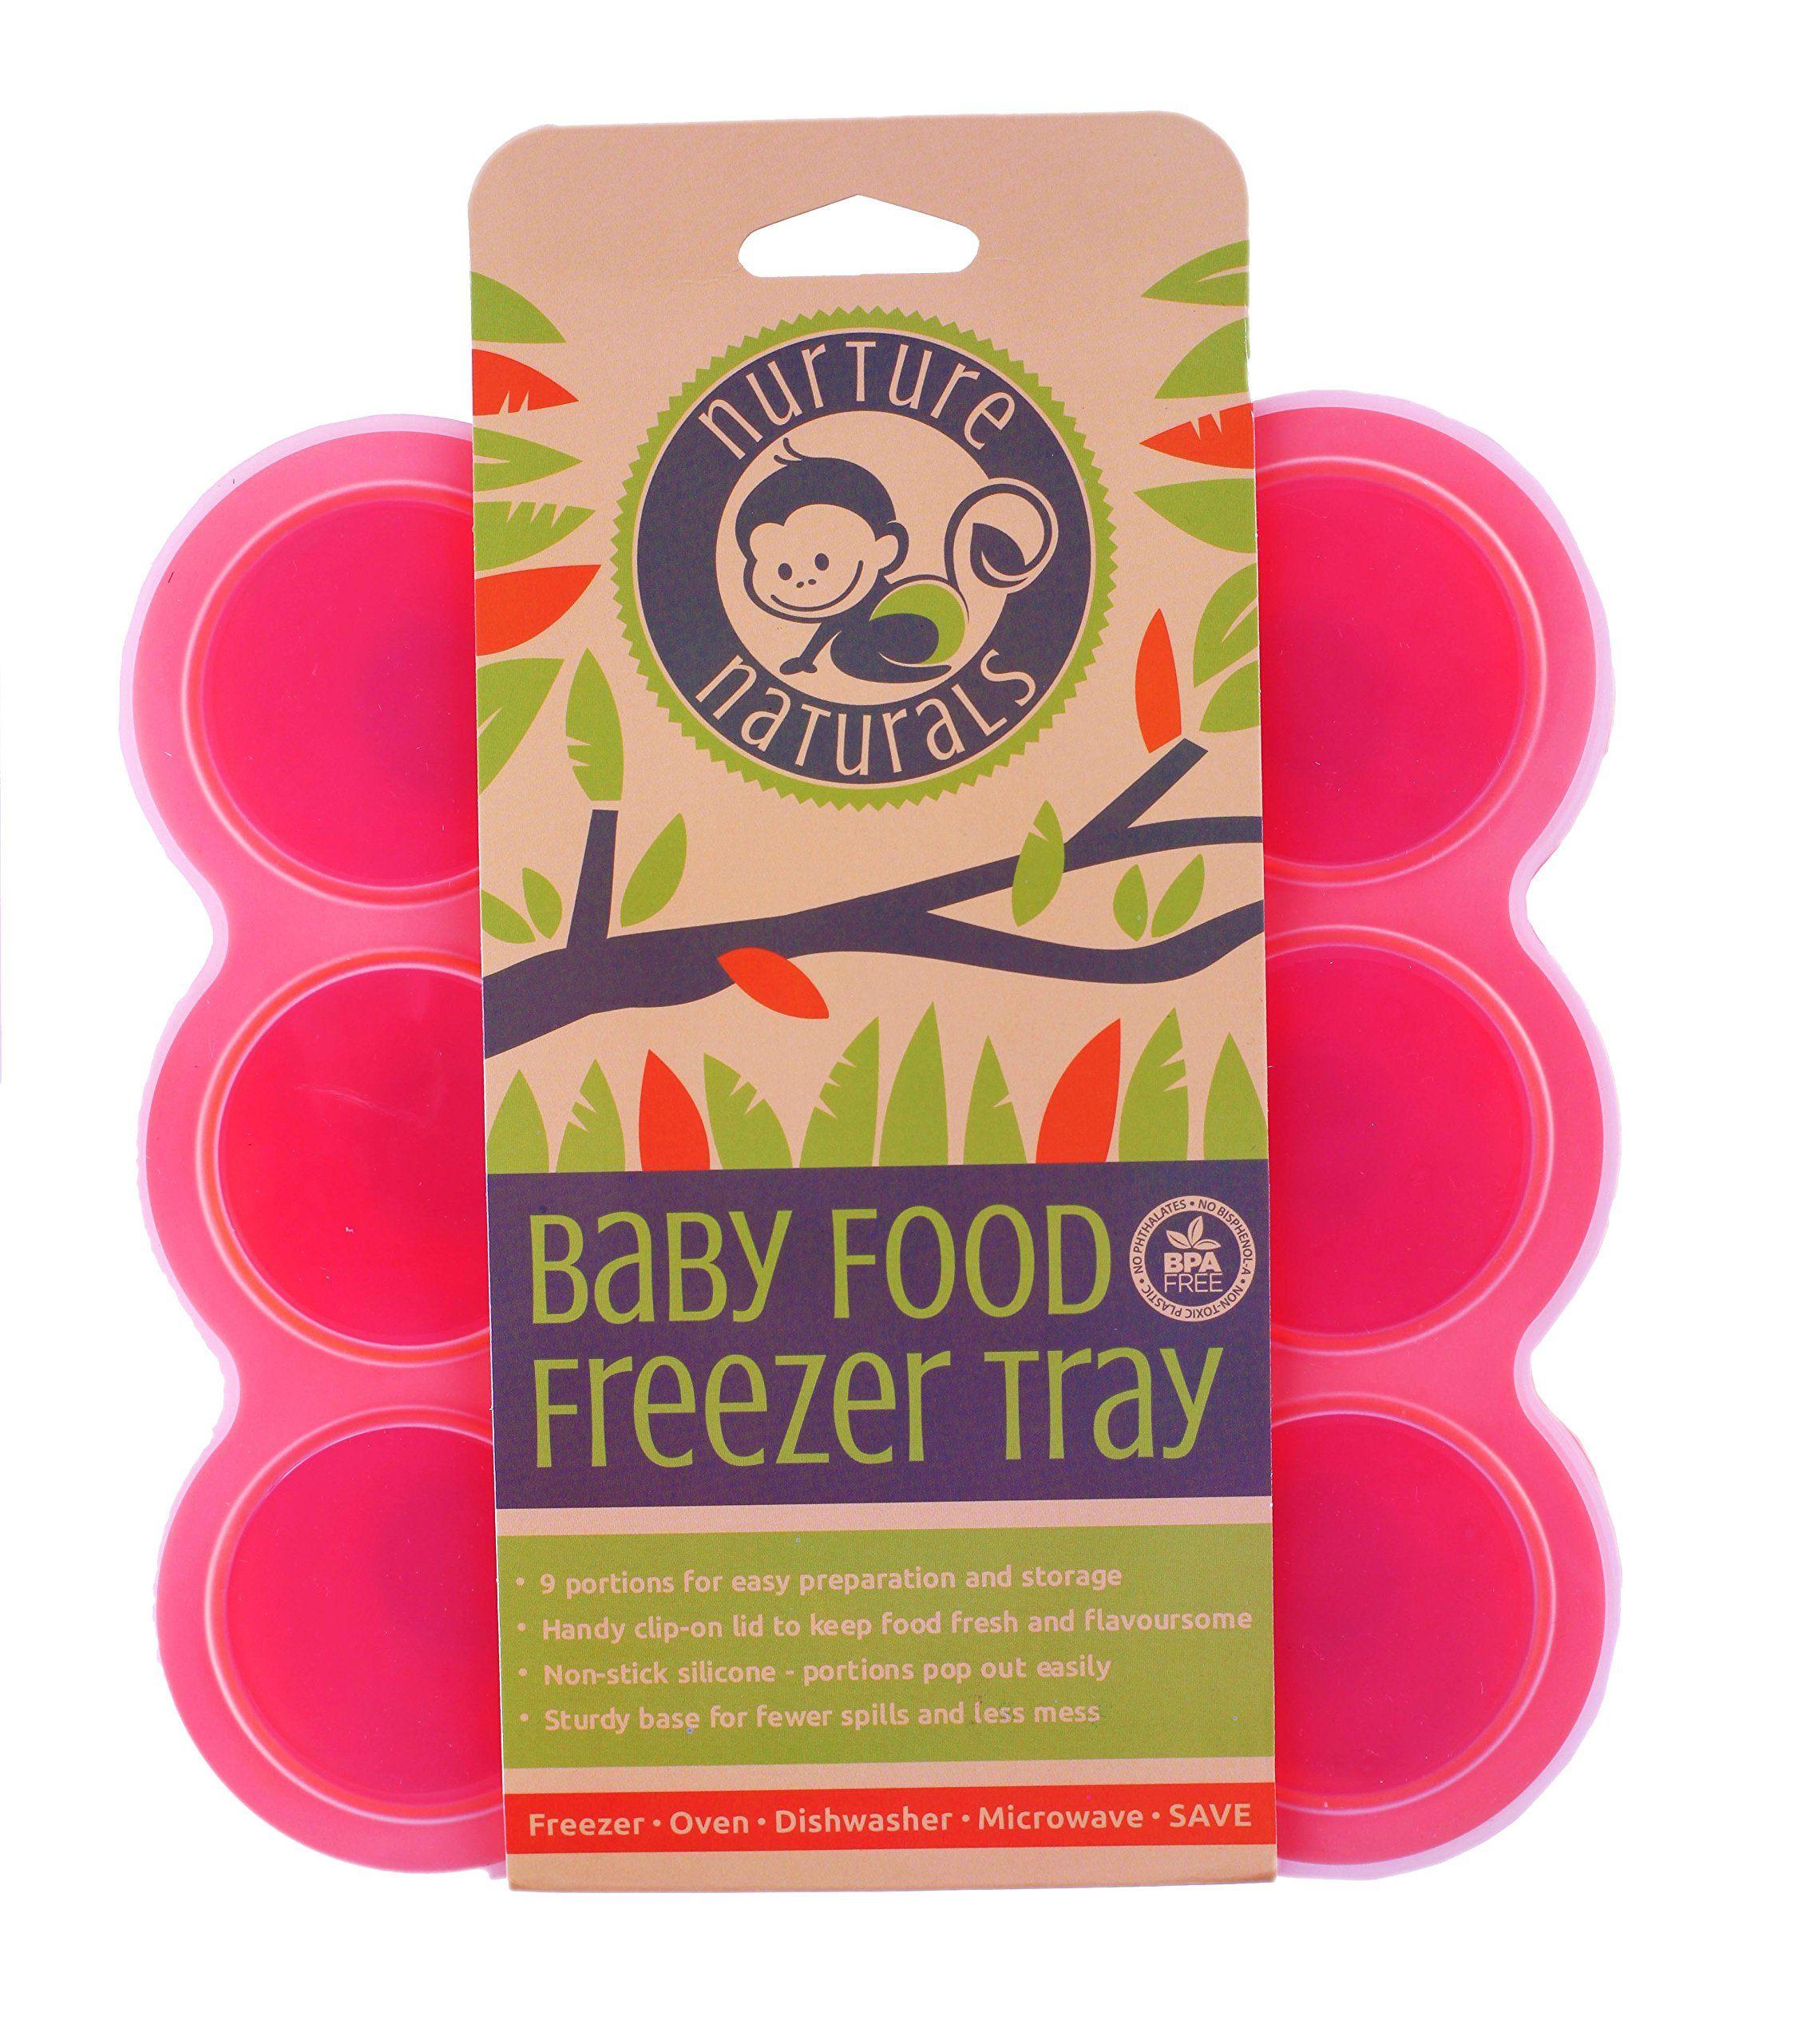 babybrei aufbewahrung zum einfrieren von babynahrung und. Black Bedroom Furniture Sets. Home Design Ideas